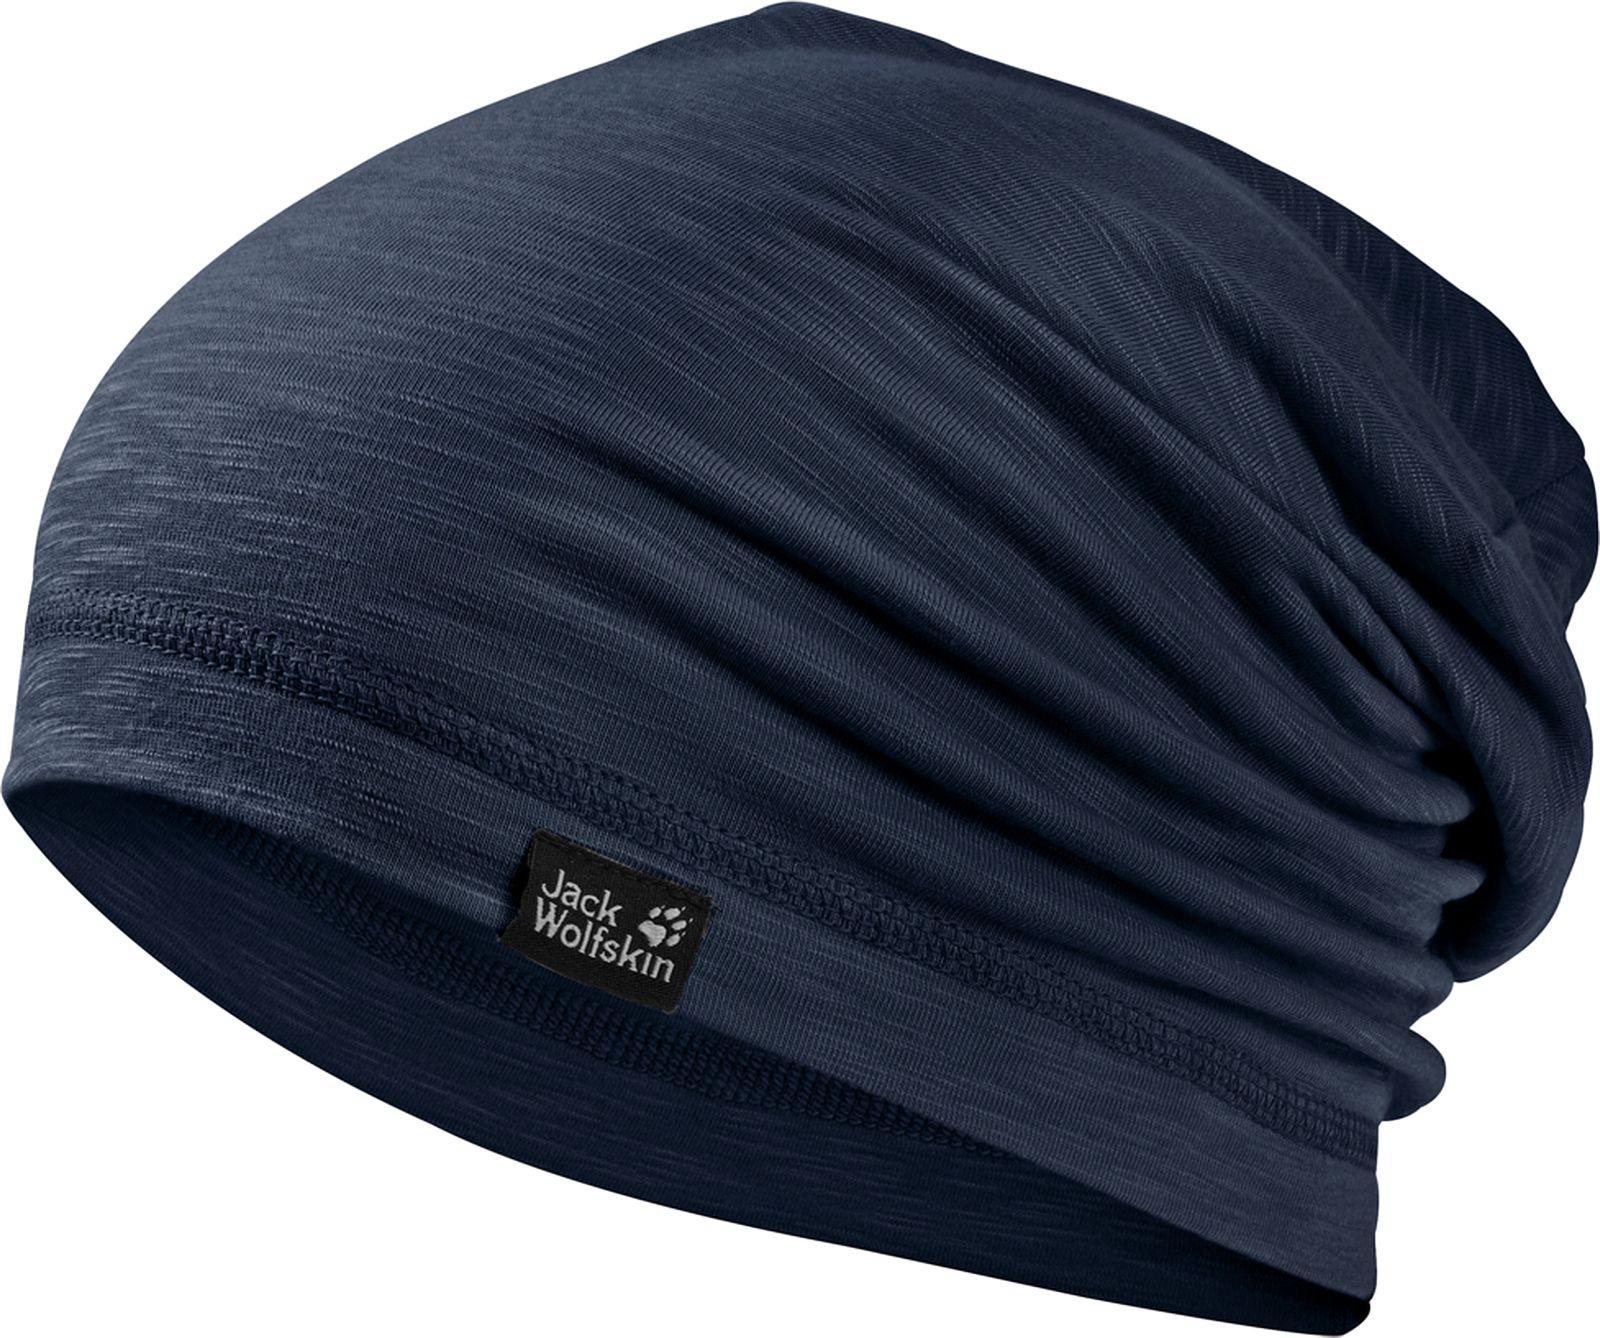 Шапка Jack Wolfskin Travel Beanie, цвет: темно-синий. 1905601-1010. Размер 55/591905601-1010Пешие прогулки, бег или путешествия - такая шапка идеально подходит для любой ситуации. Шапка выполнена из легкой, приятной на ощупь ткани. Изделие отлично впитывает влагу, поэтому в такой шапке вам всегда будет комфортно. Ткань также имеет специальную обработку, которая уменьшает образование неприятных запахов. Шапка универсальная, она отлично подойдет для образа в стиле casual.